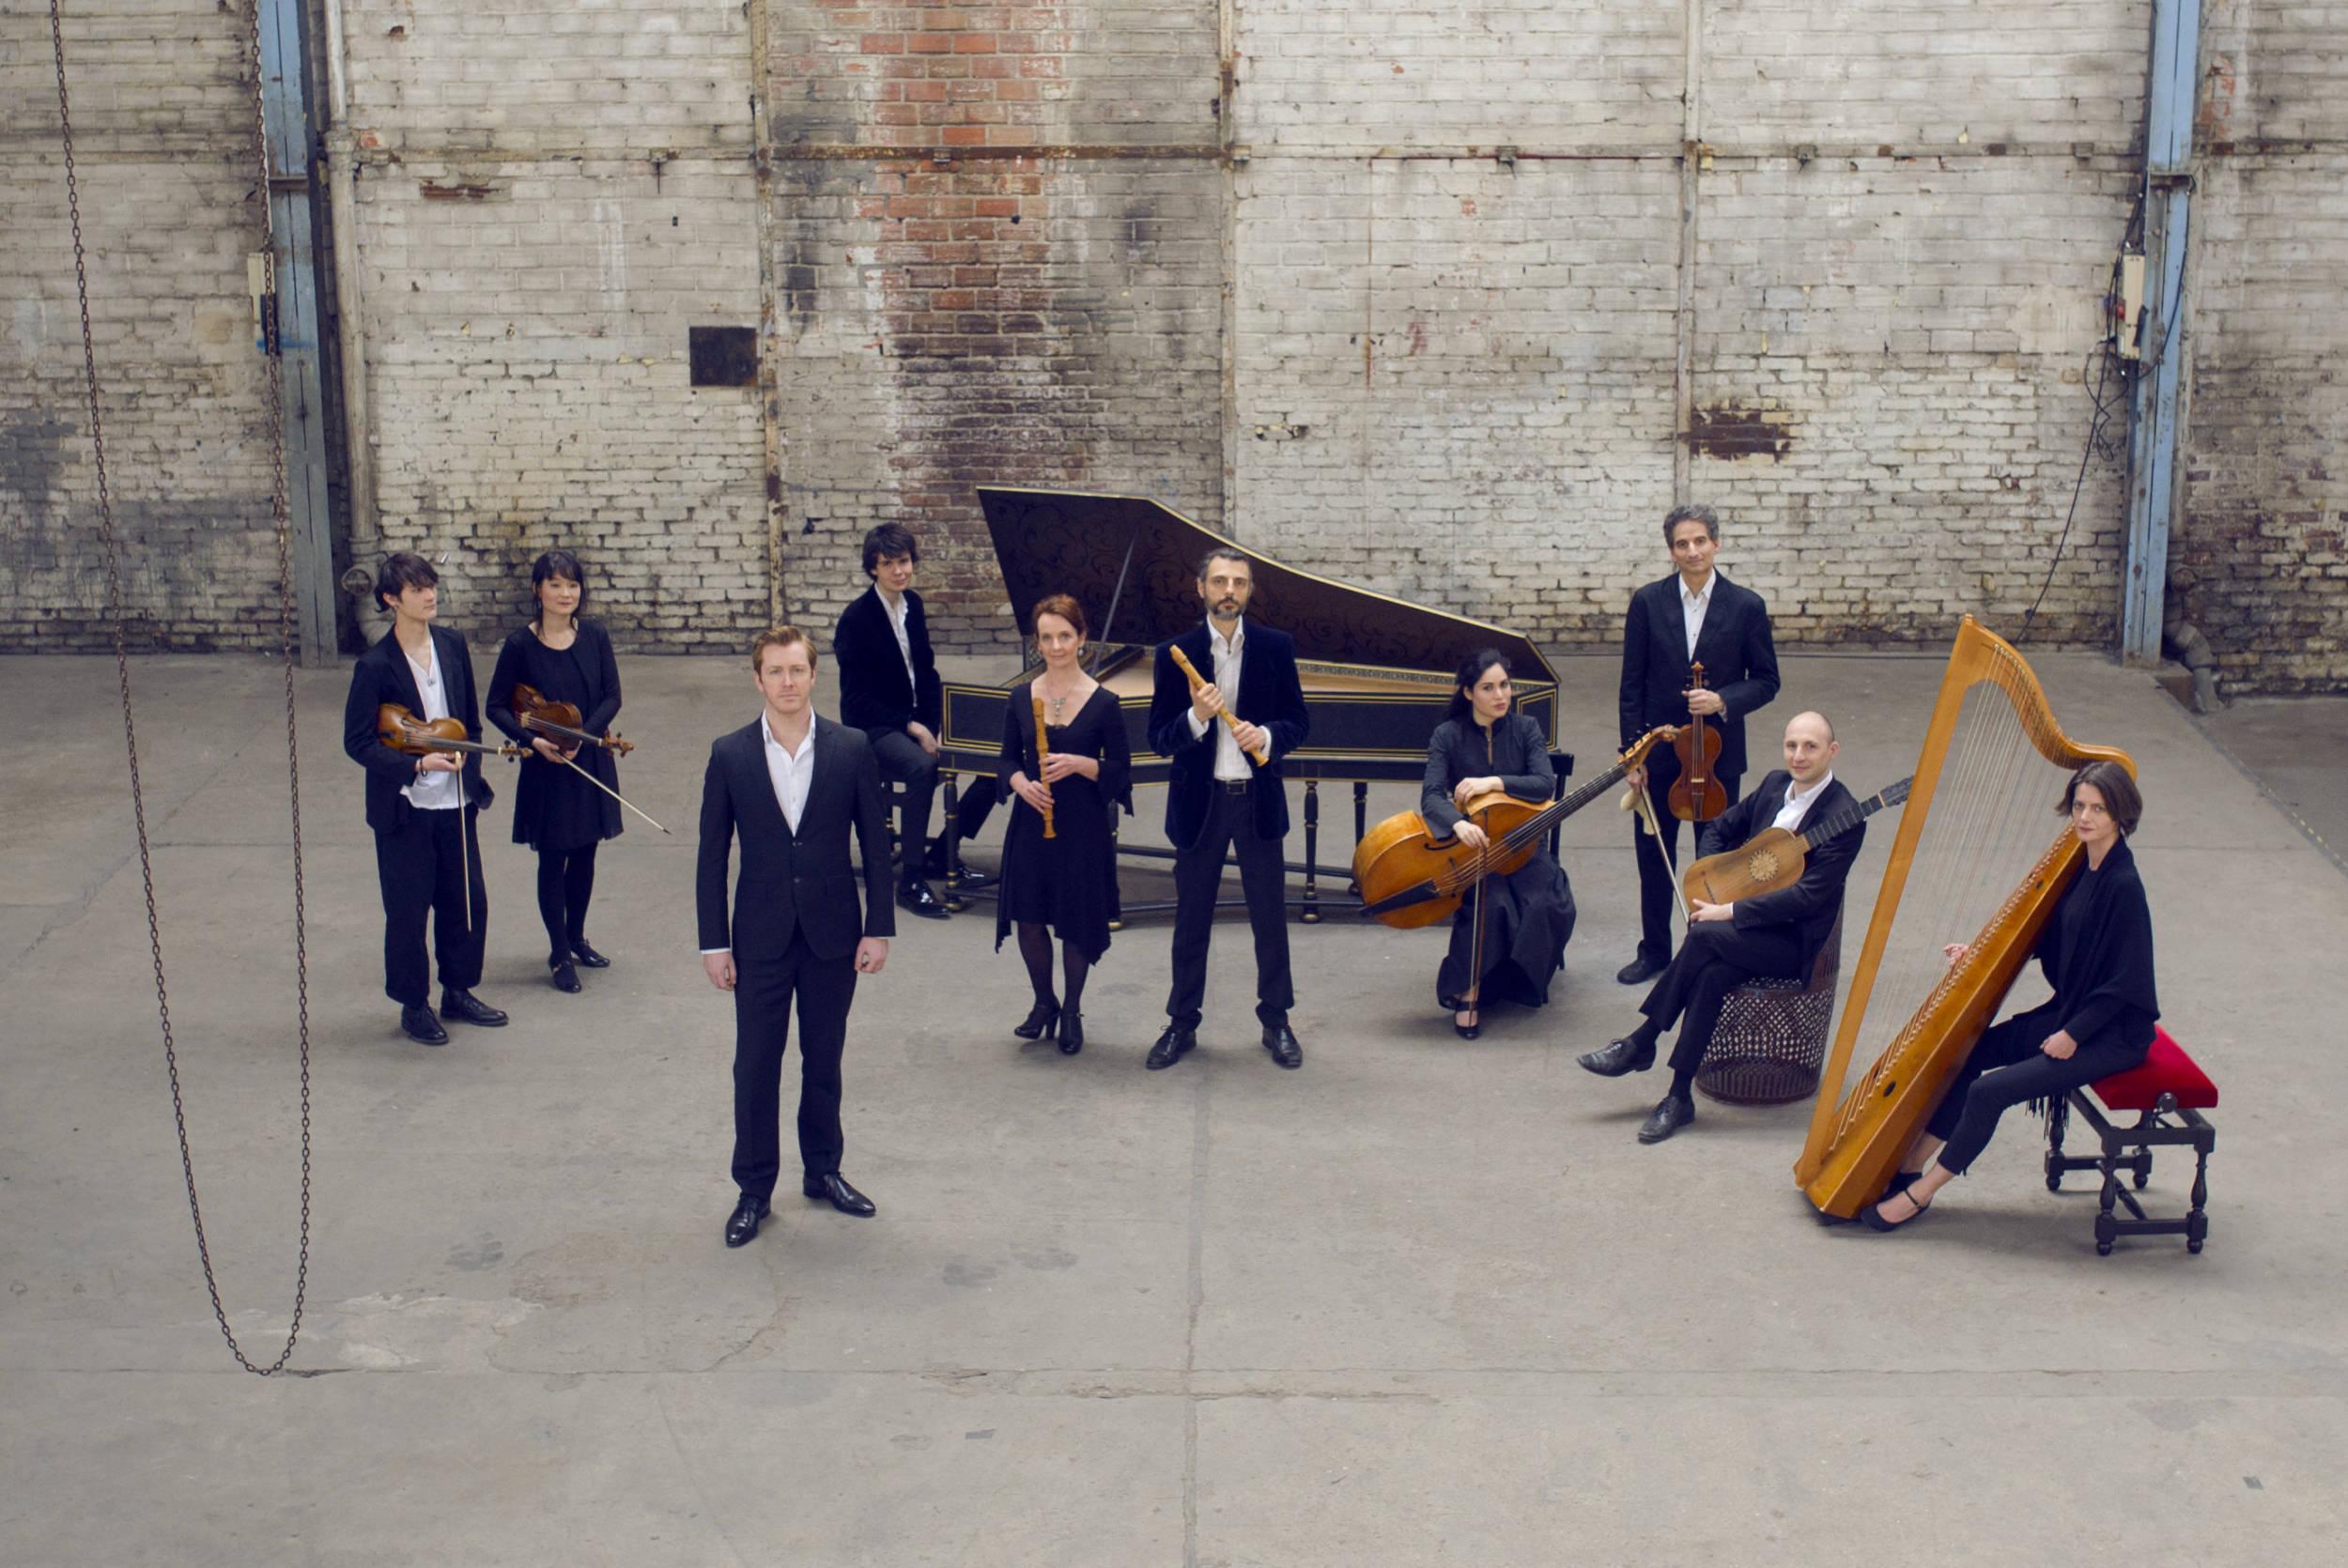 Les Musiciens de Saint-Julien, les Arts Florissants,